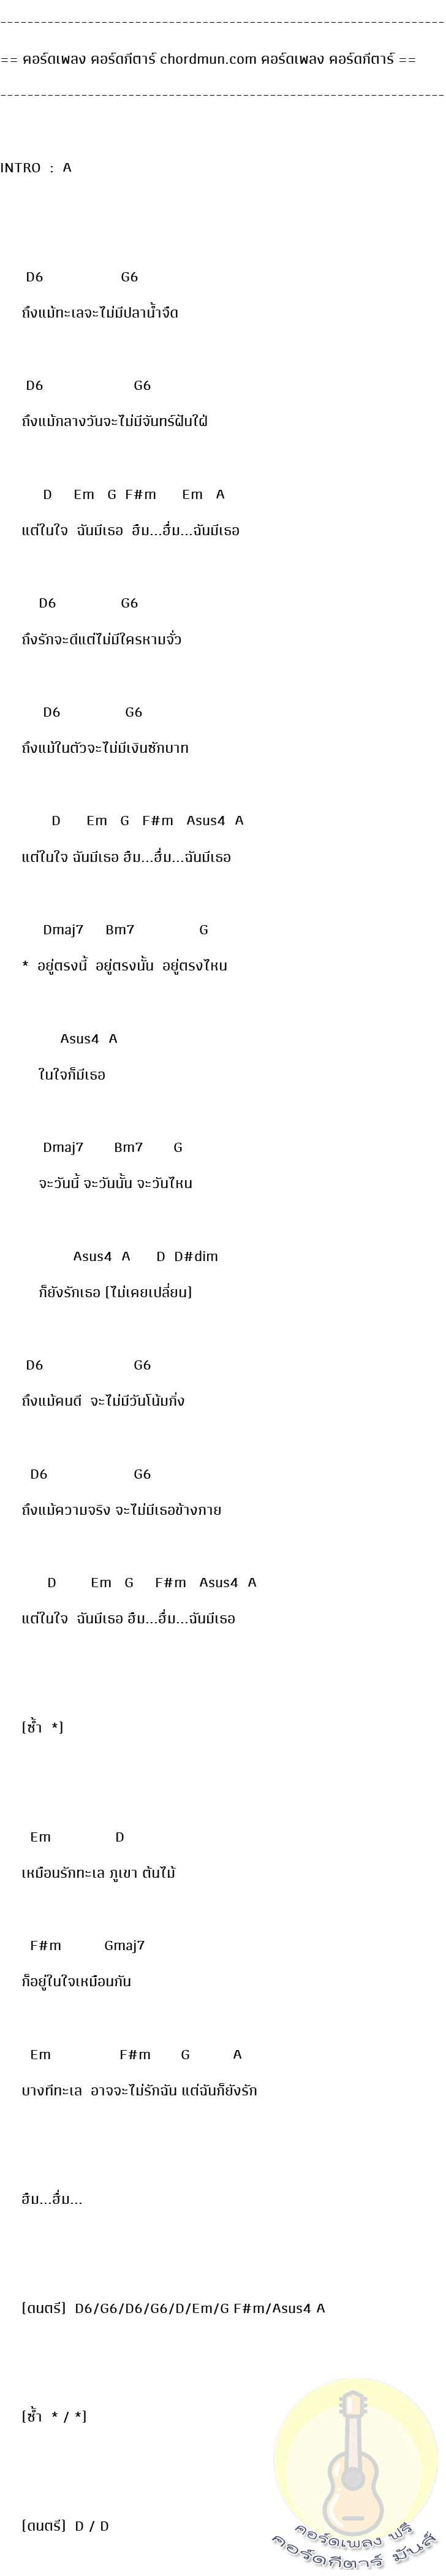 คอร์ดกีต้า ง่ายๆ  เพลง ทะเล (ไม่มีปลาน้ำจืด)